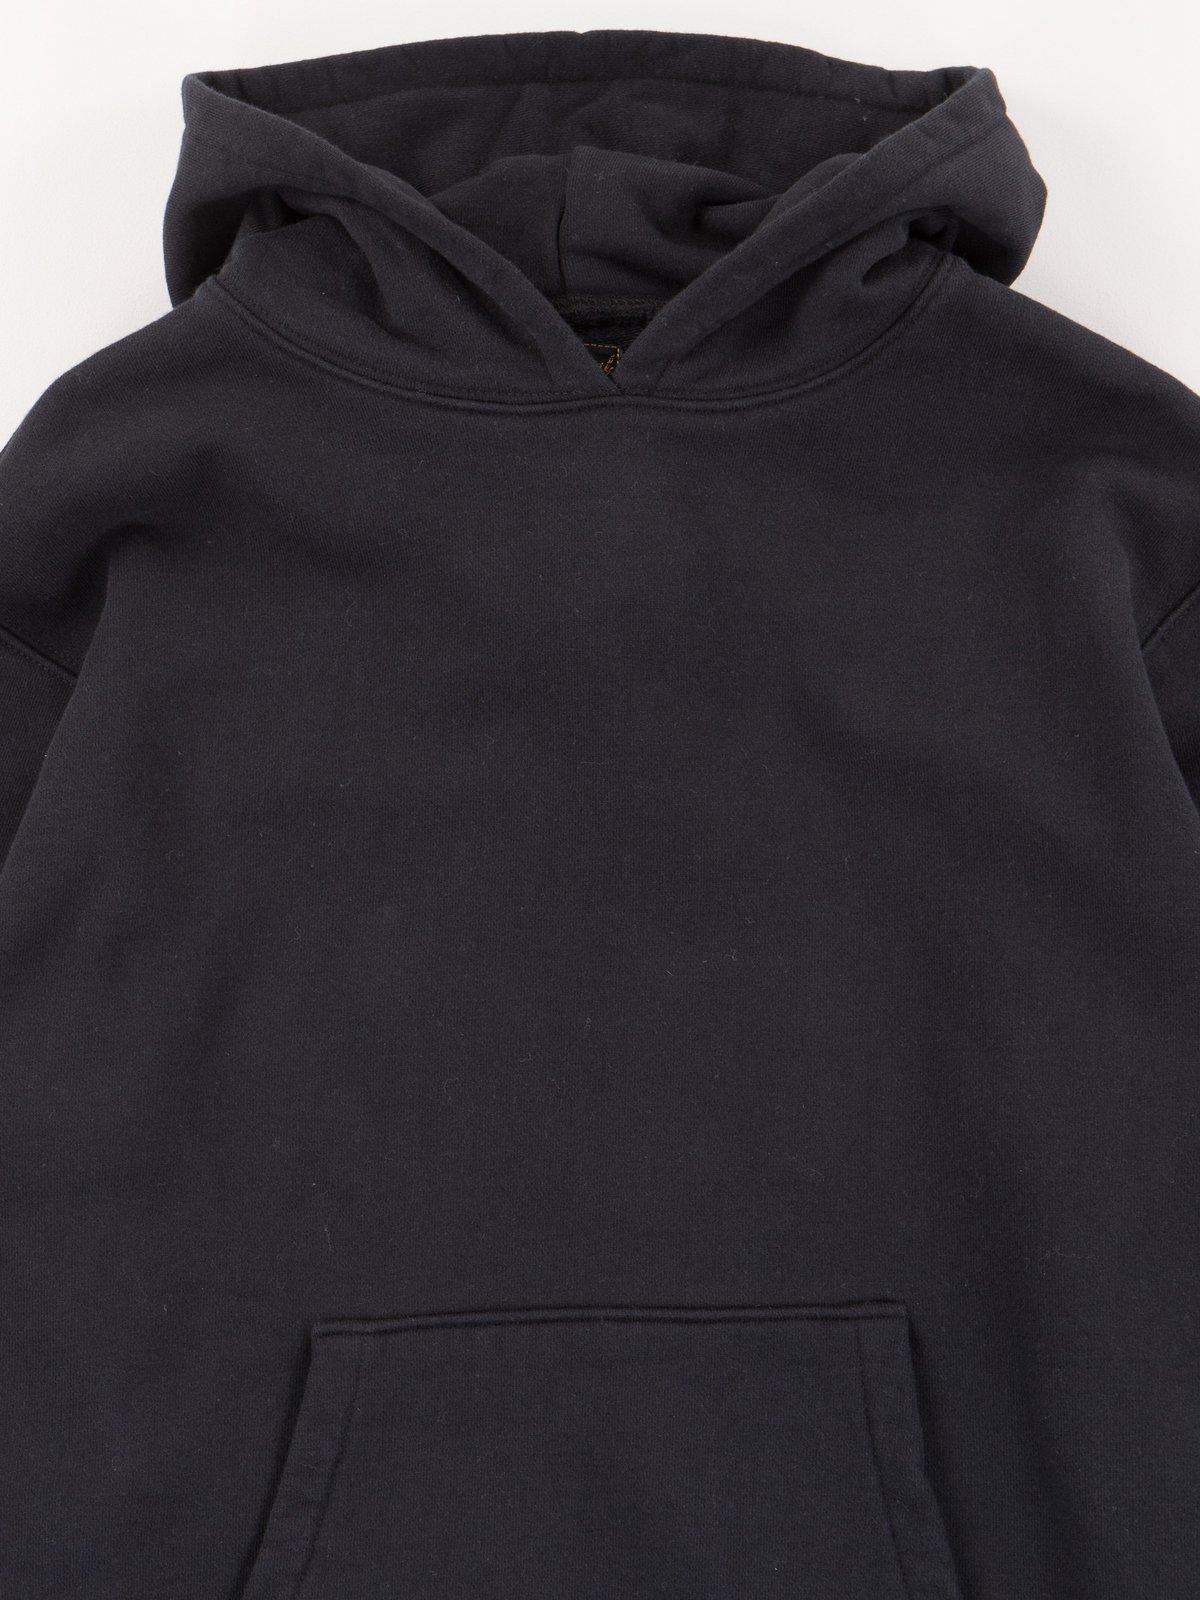 Black Gusset Pullover Parka - Image 2